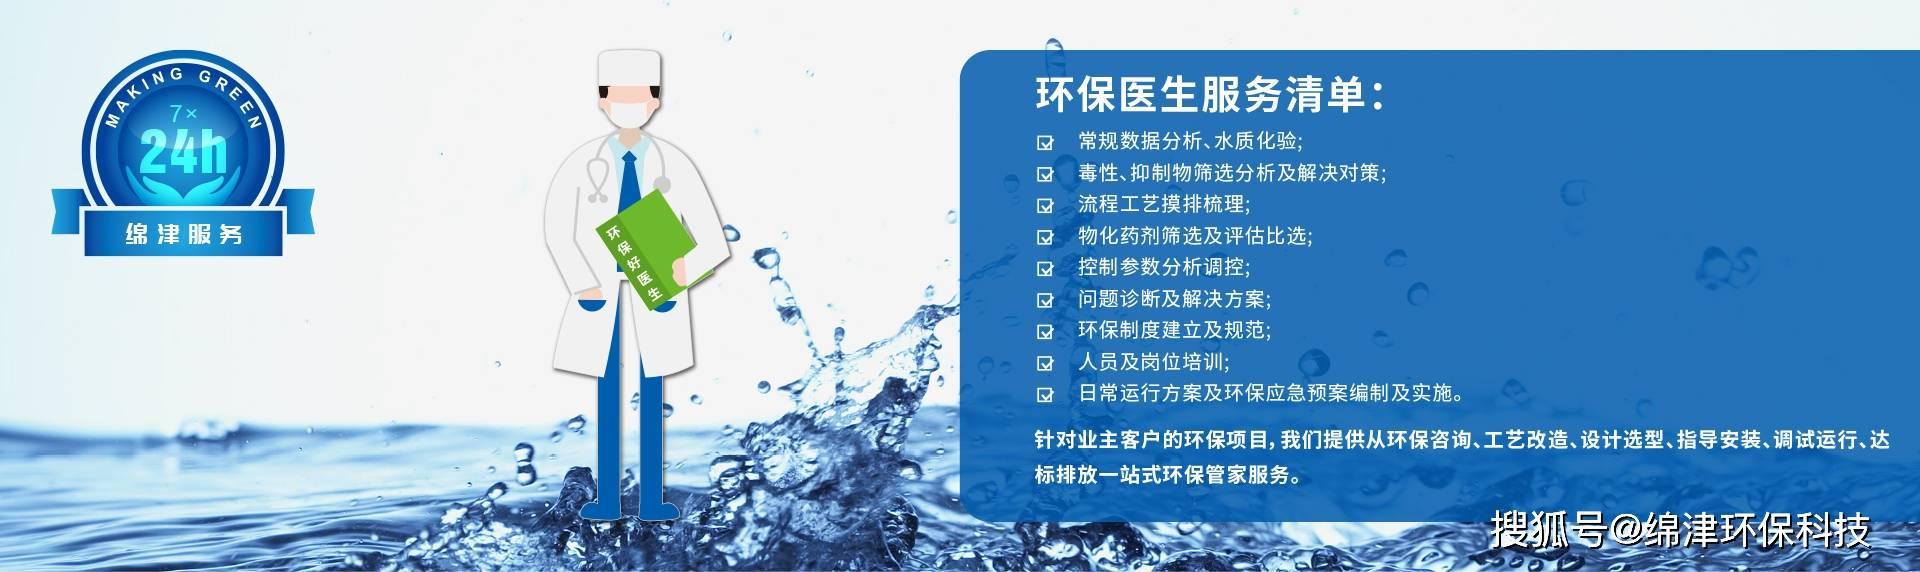 绵津环境管家服务案例分析